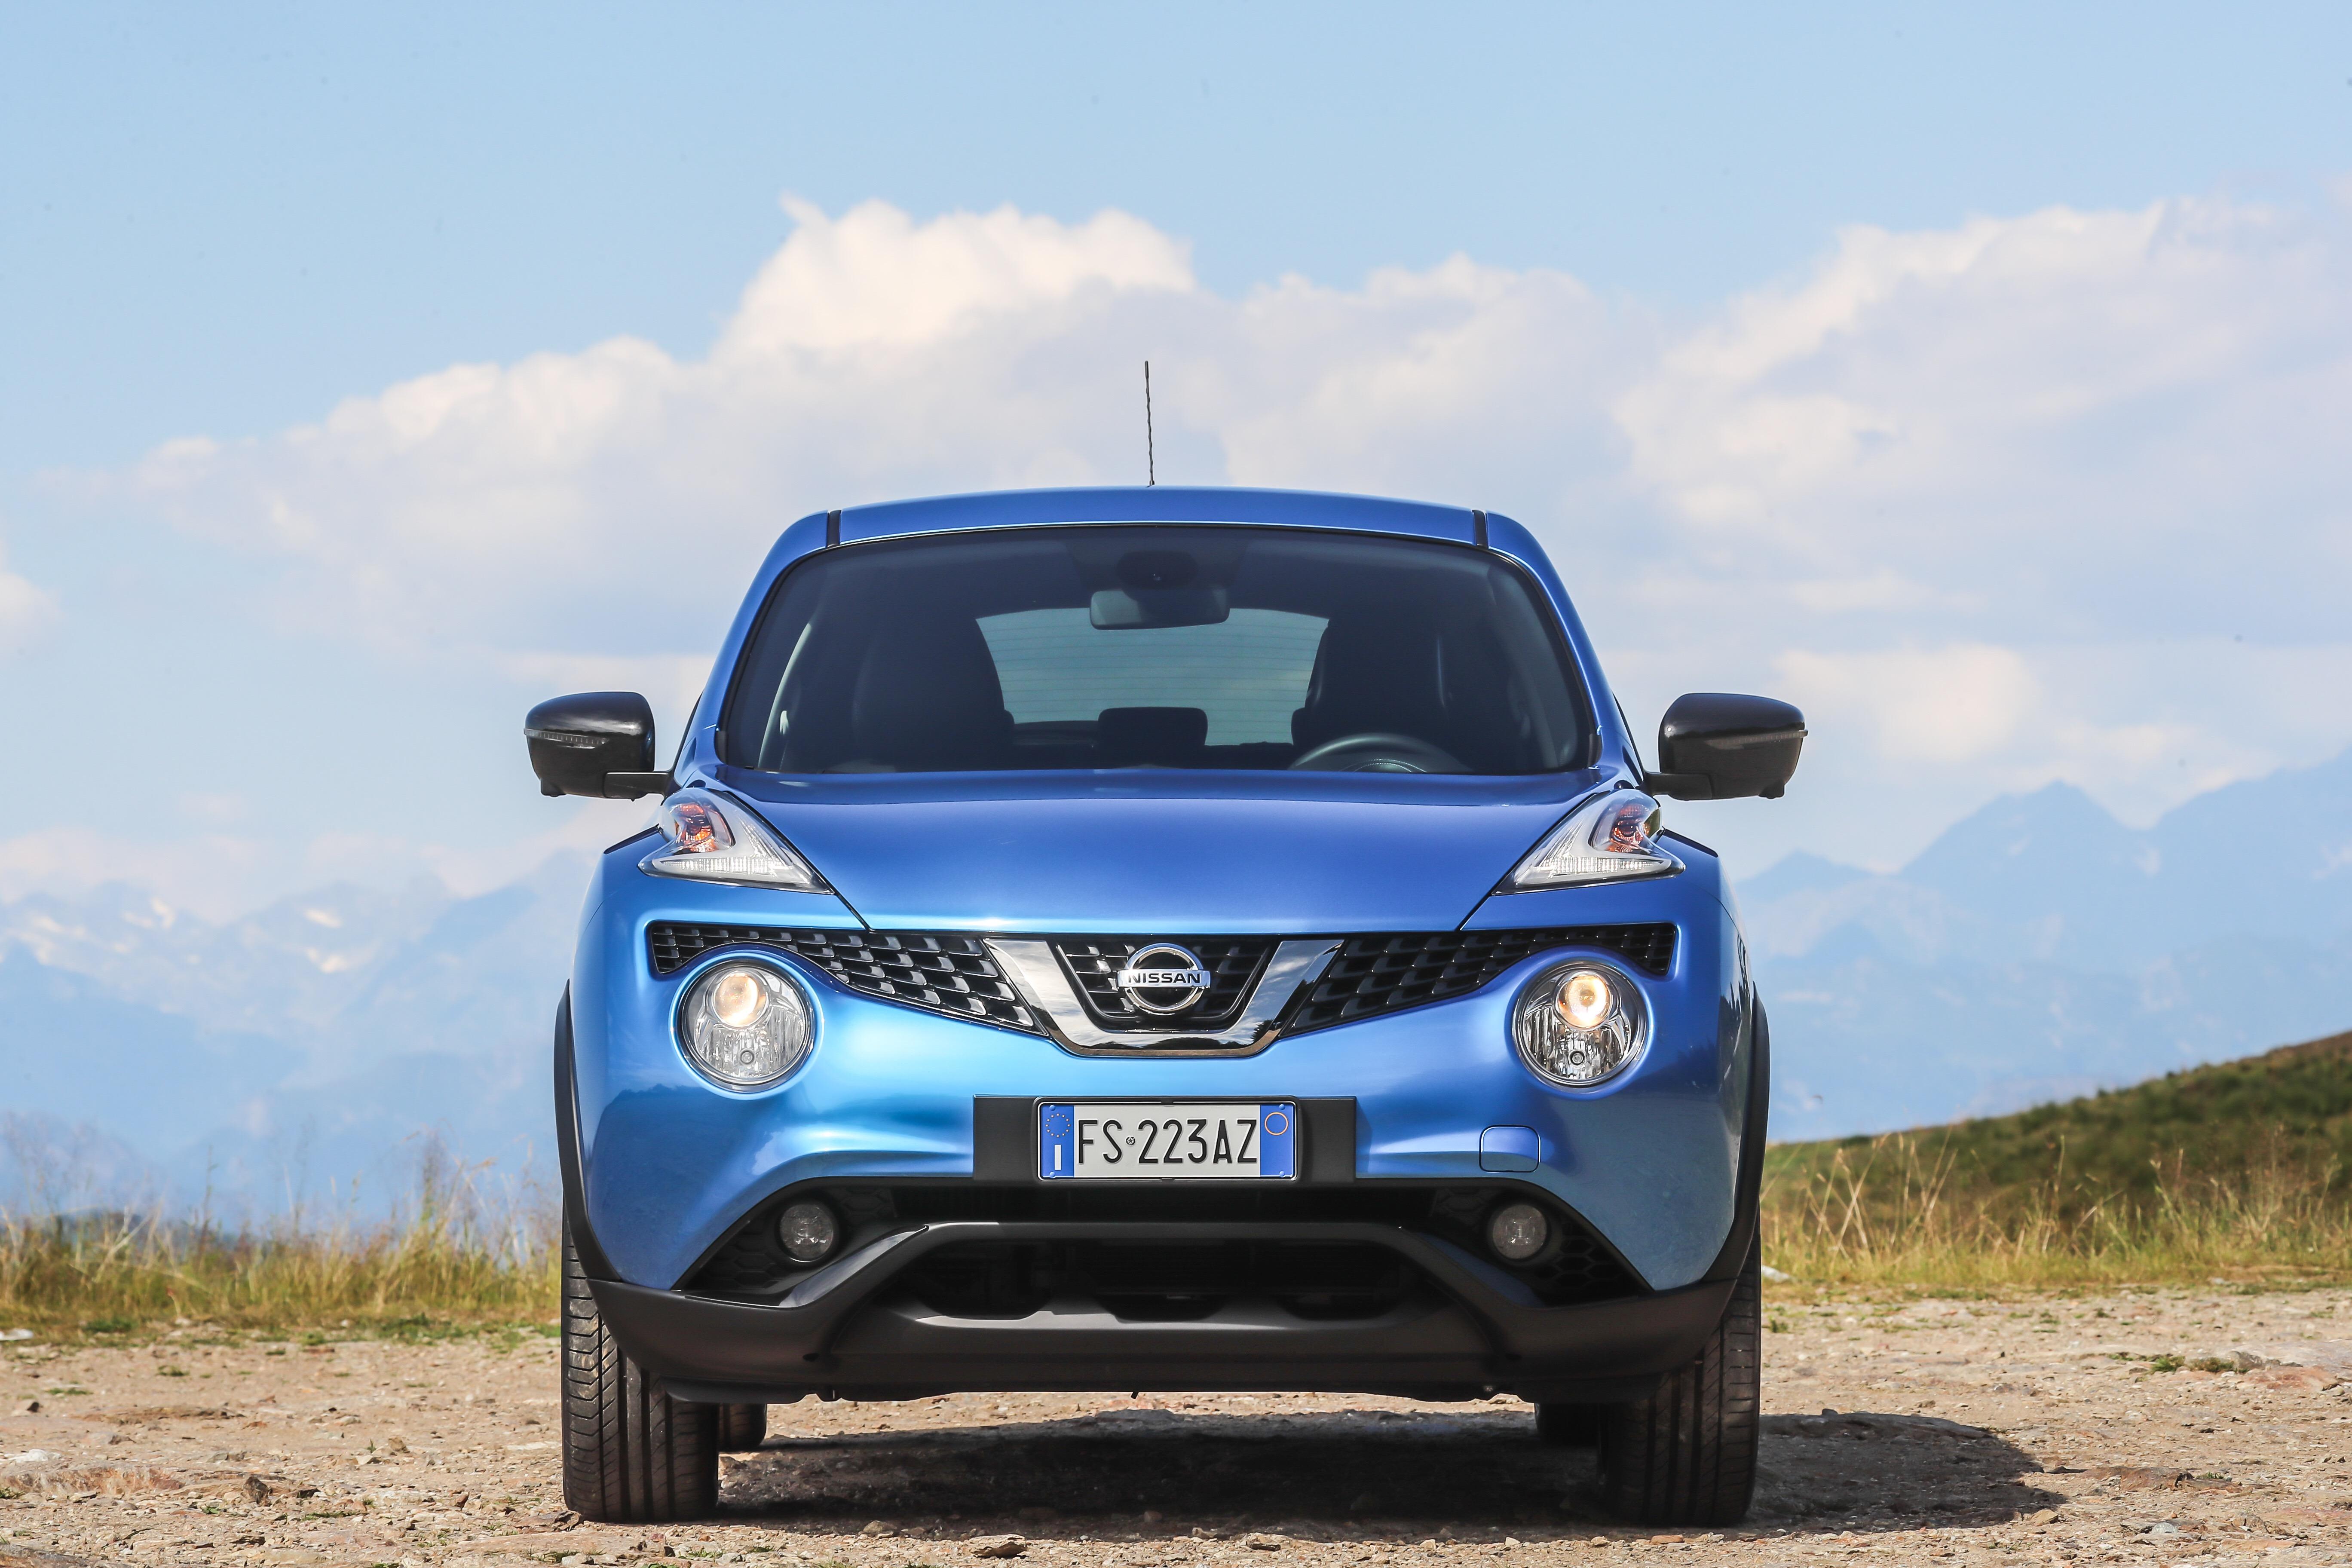 Juke MY18 arriva nelle concessionarie Nissan italiane